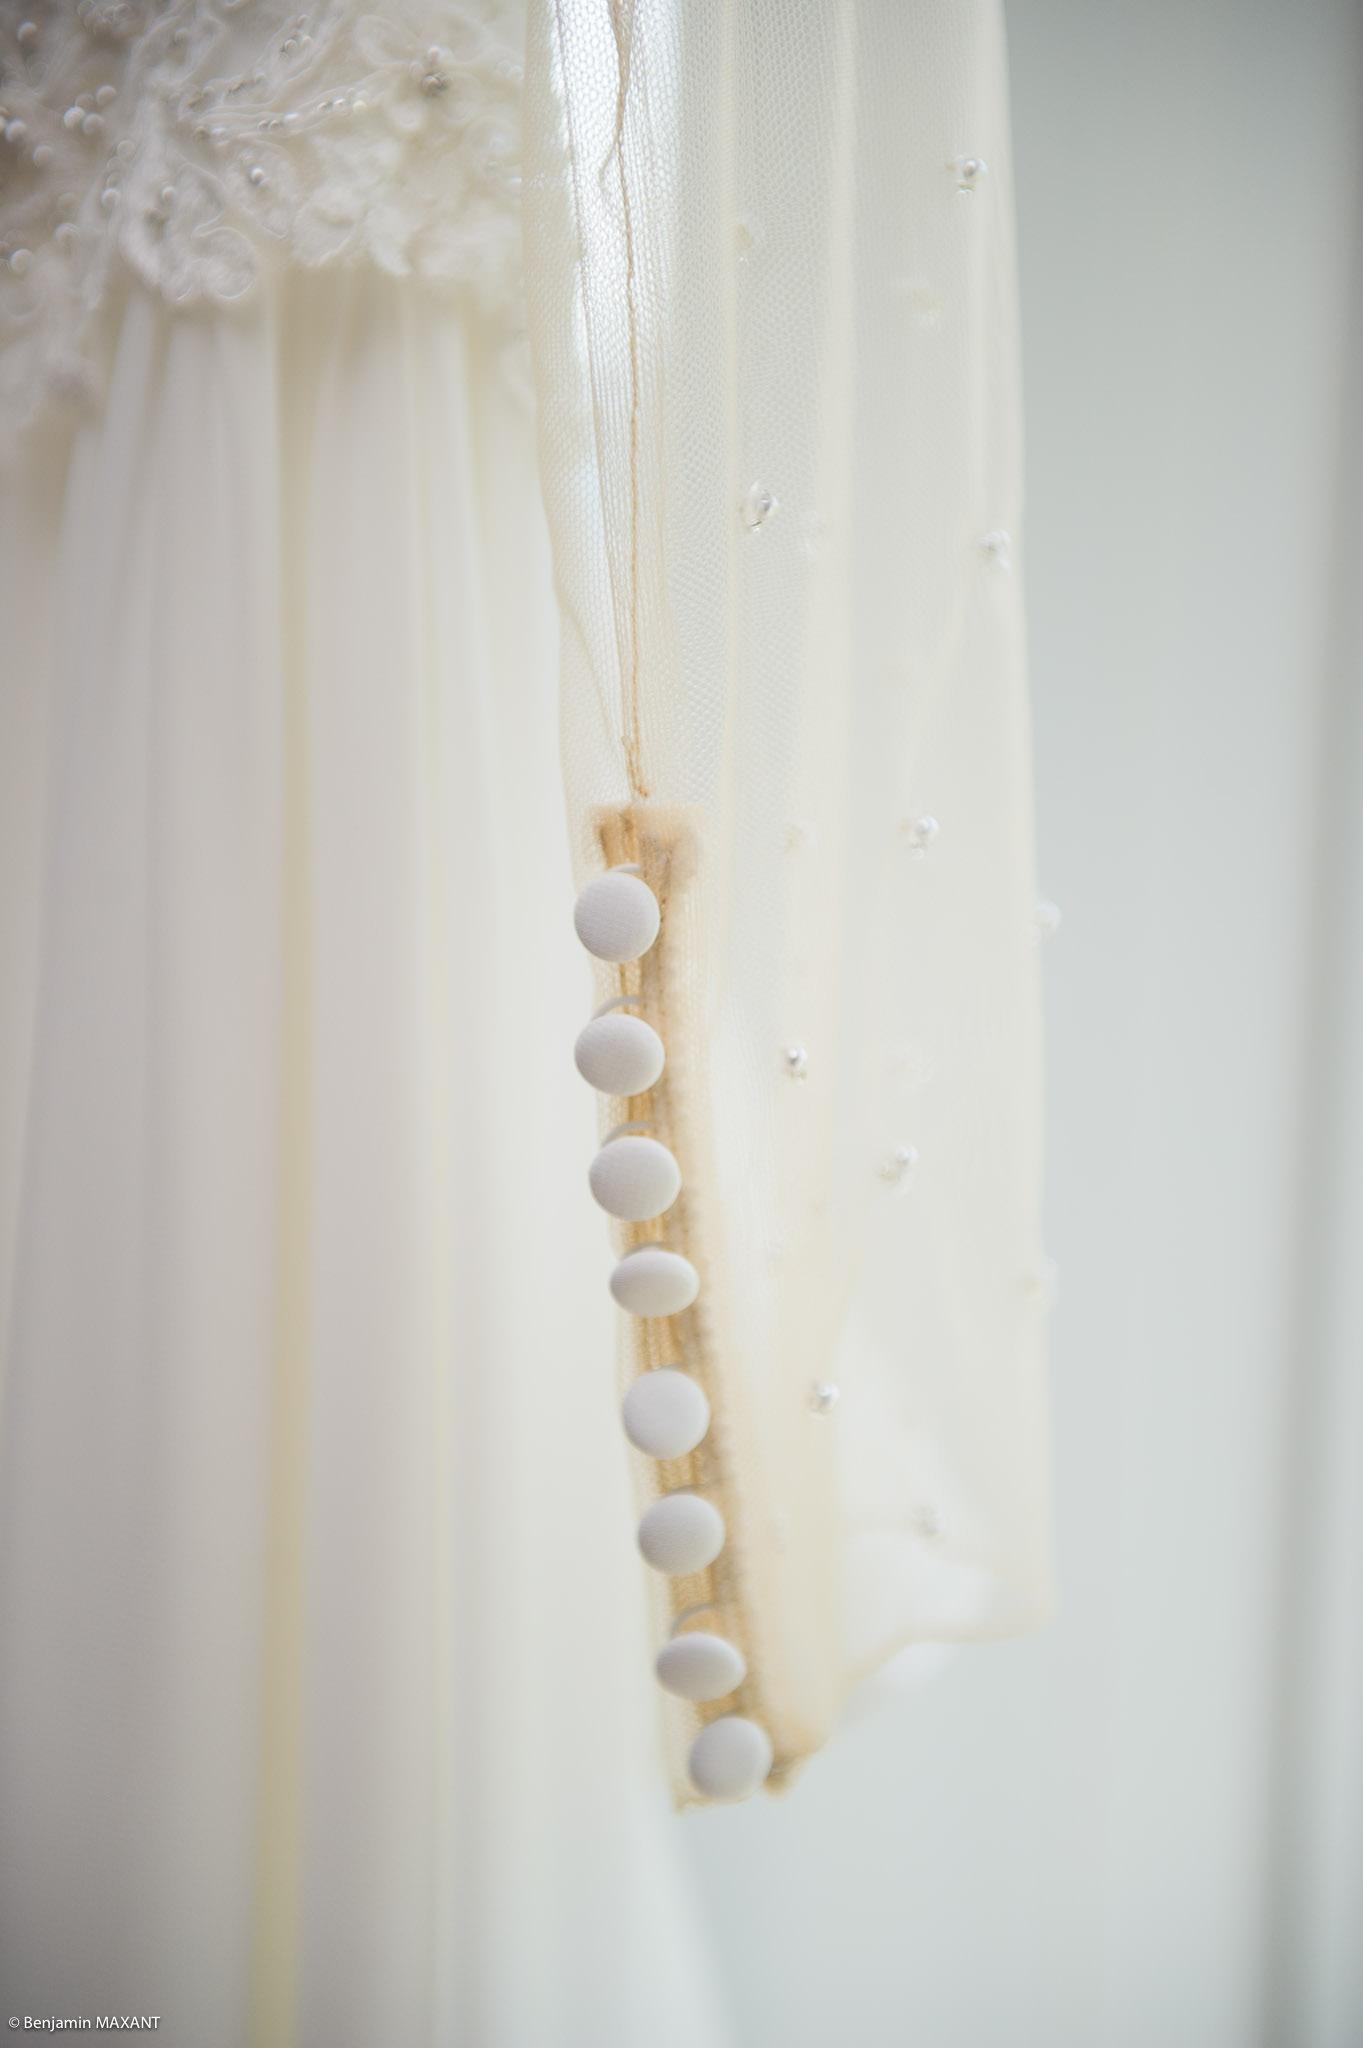 Détail de la manche de la robe de mariage